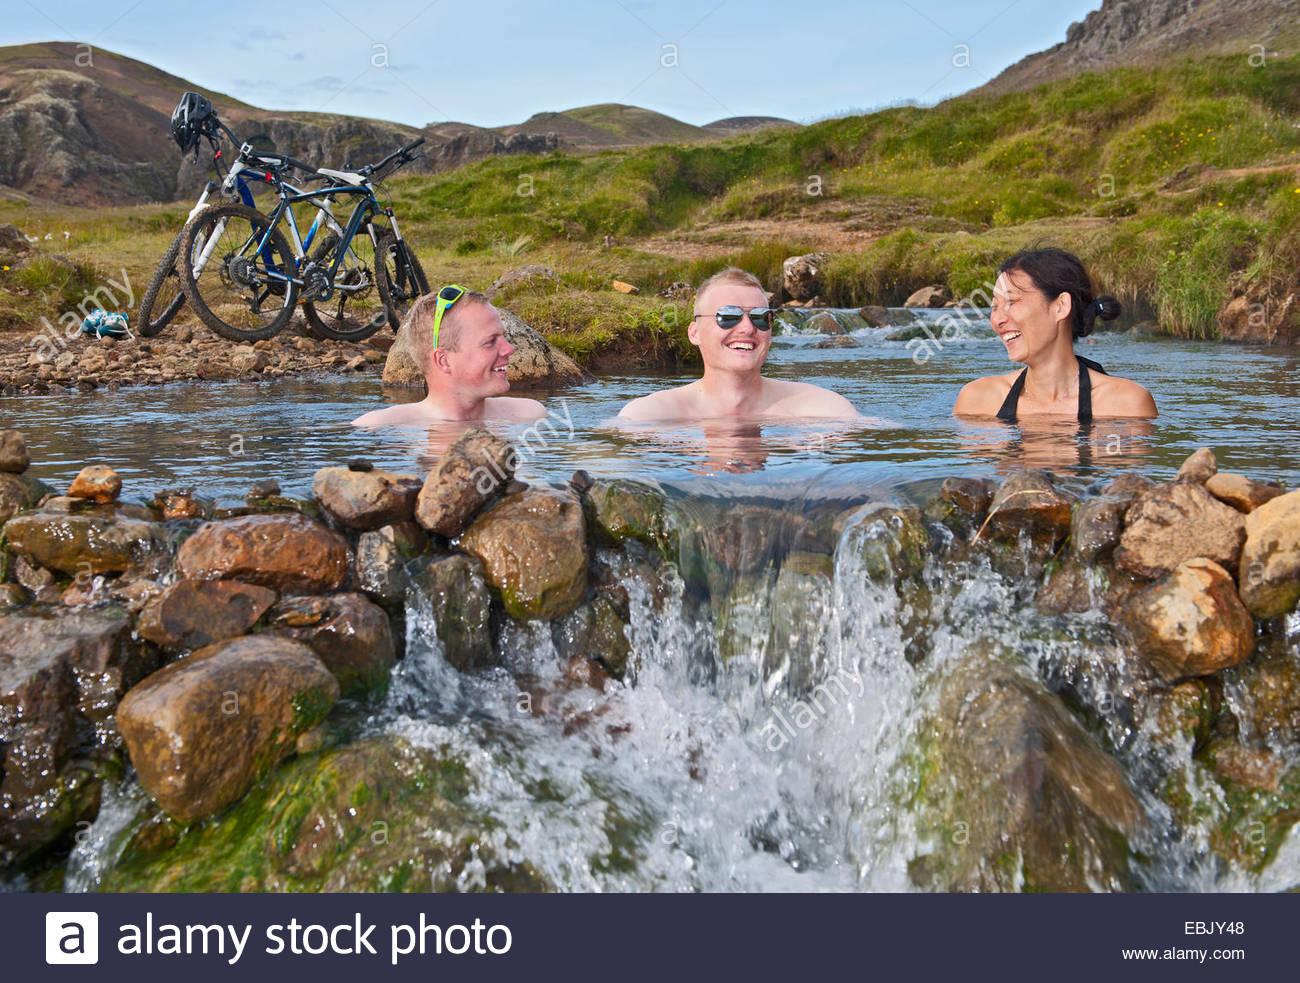 Ángulo de visión baja de tres ciclistas de montaña de bañarse en el río caliente, valle Imagen De Stock